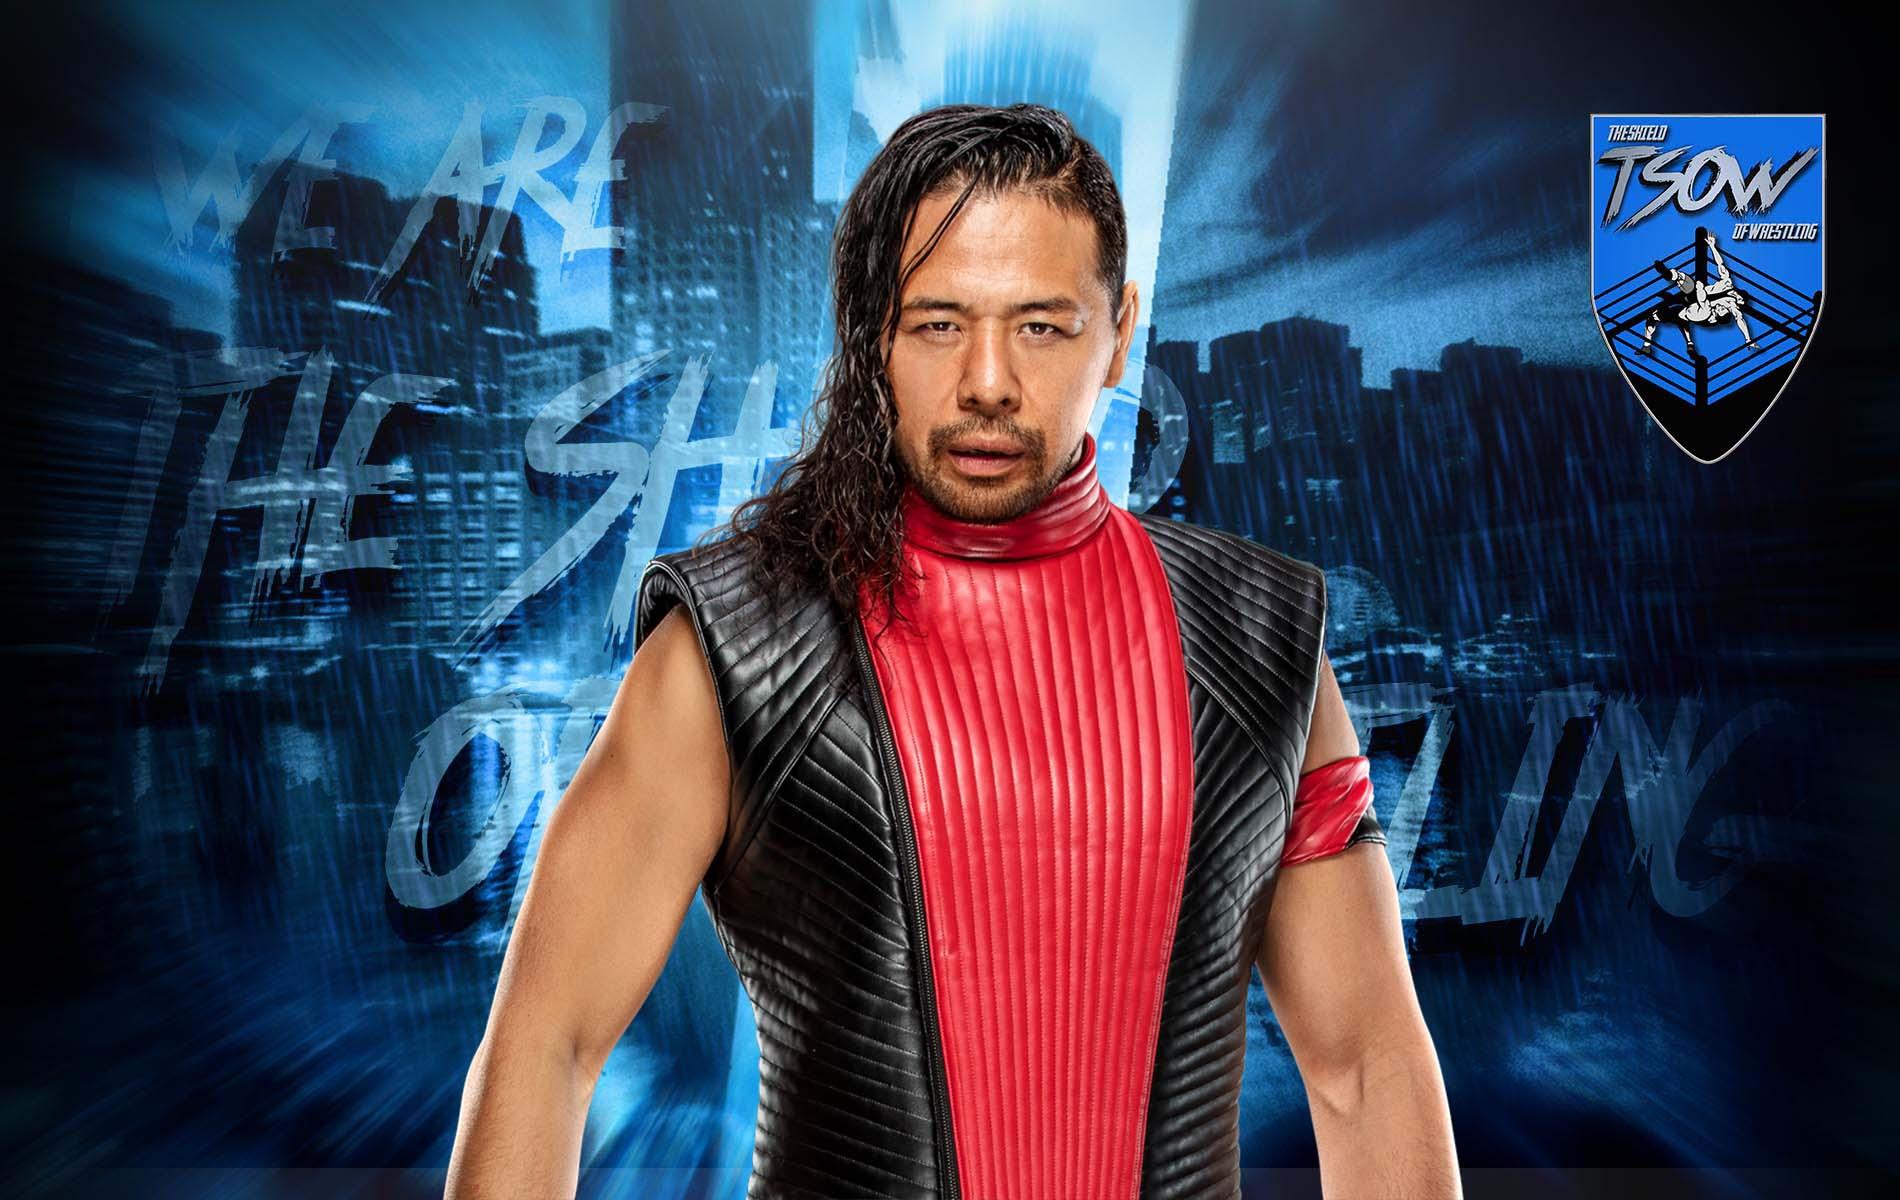 Shinsuke Nakamura penalizzato per un botch contro John Cena?